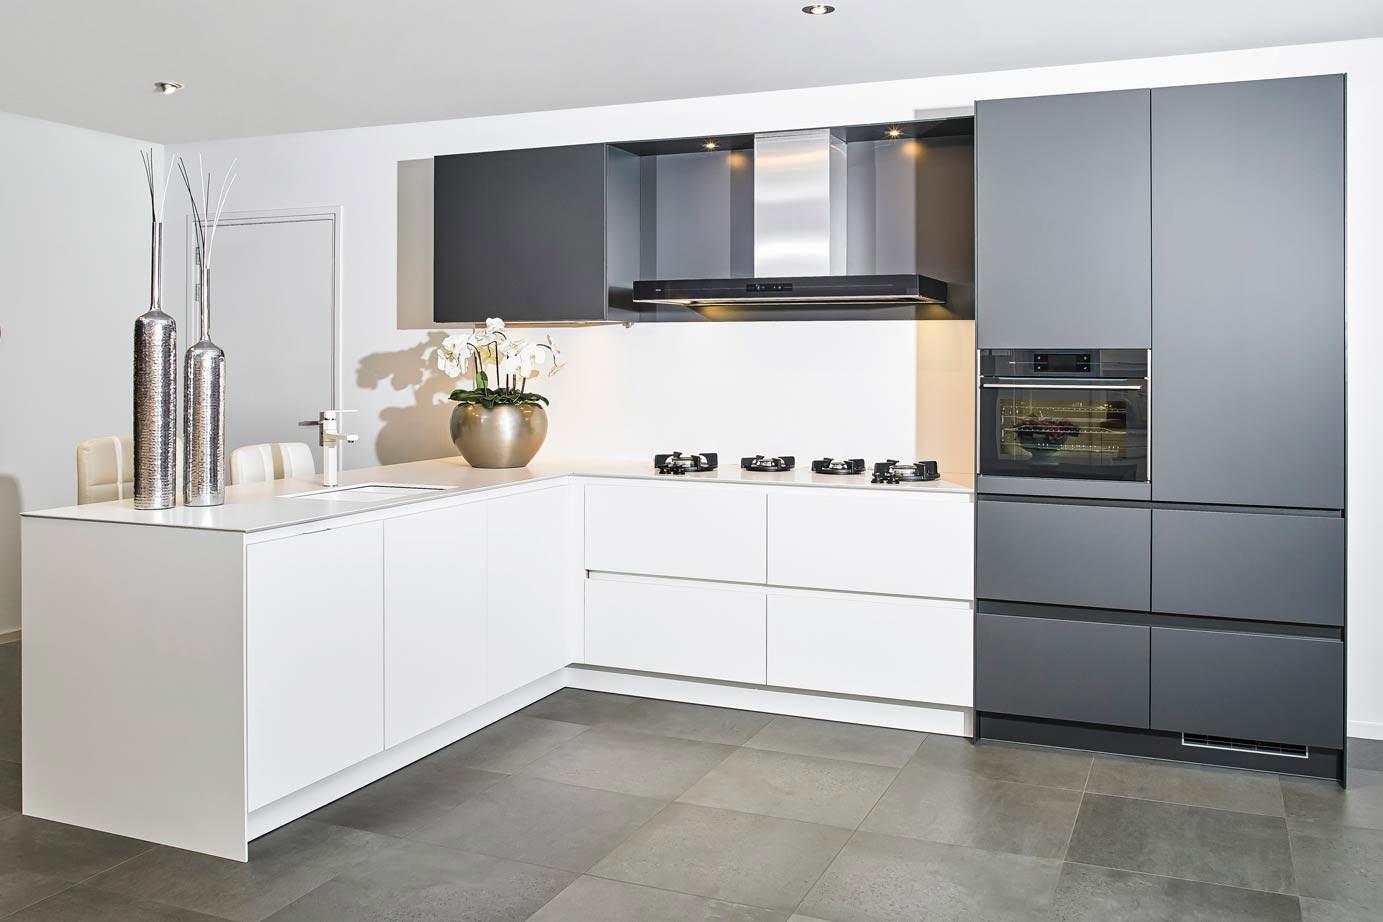 Onze moderne keukens het nieuwste voor lage nettoprijzen adee